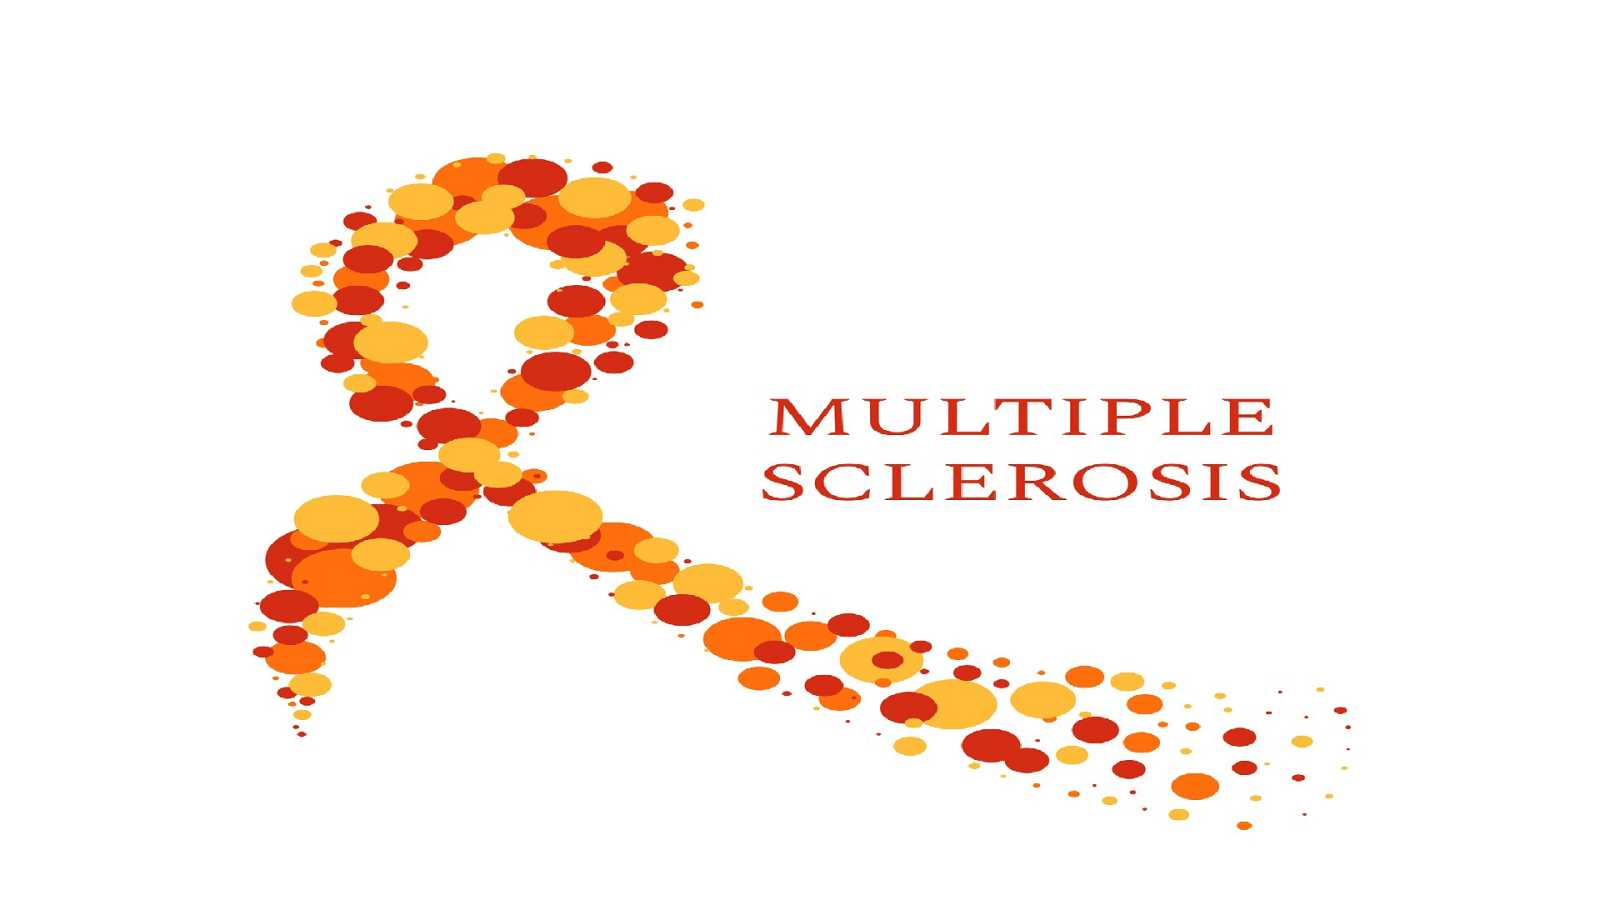 Entre probetas - La Esclerosis Múltiple en investigación - 01/06/21  - Escuchar ahora